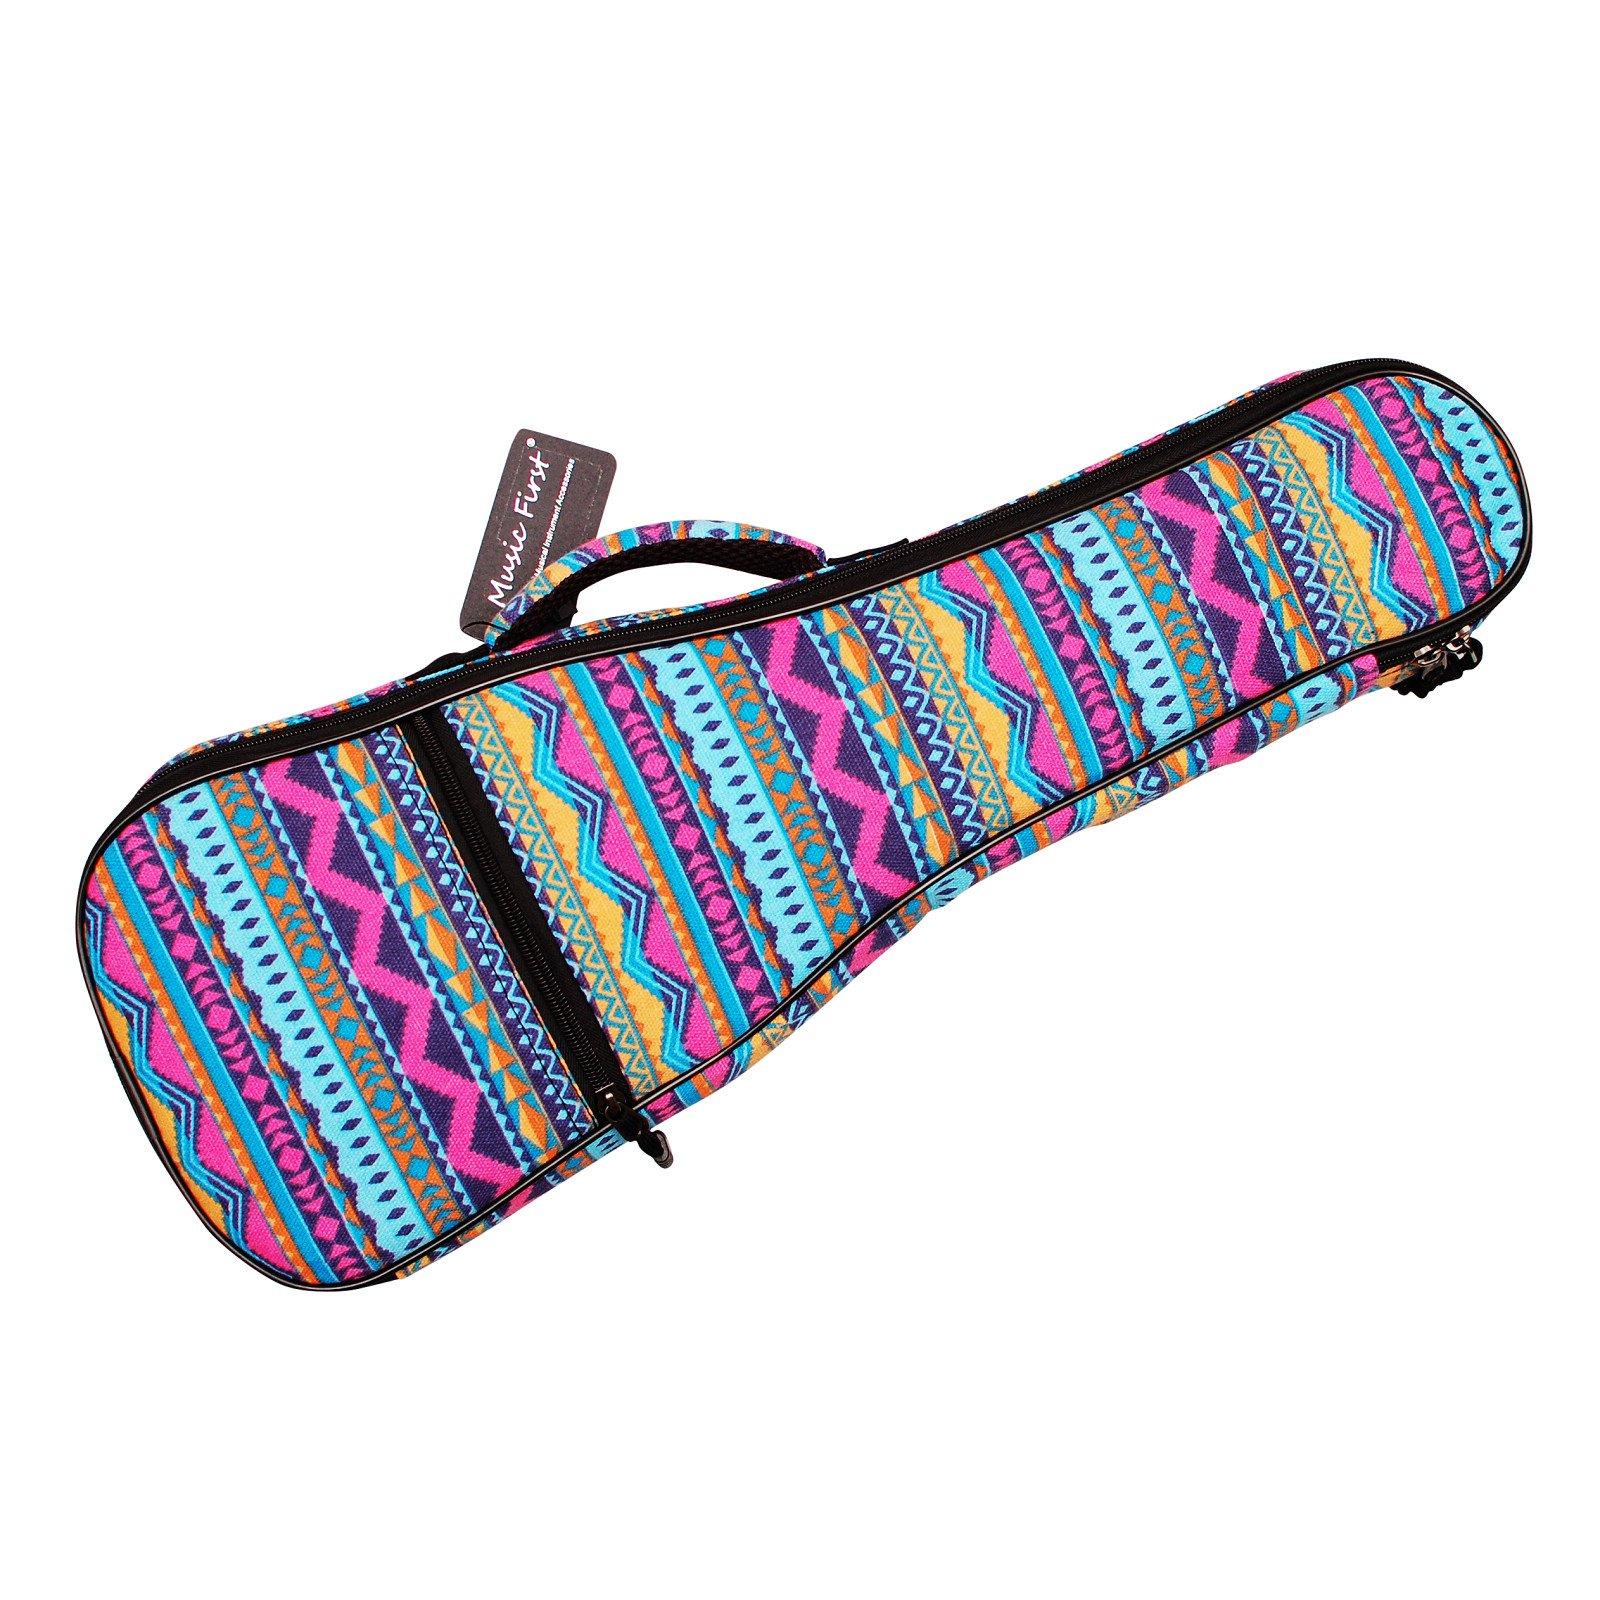 MUSIC FIRST Cotton 21'' Soprano Pink Geometric Patterned Ukulele Bag Ukulele Cover Ukulele Case Version 2.0